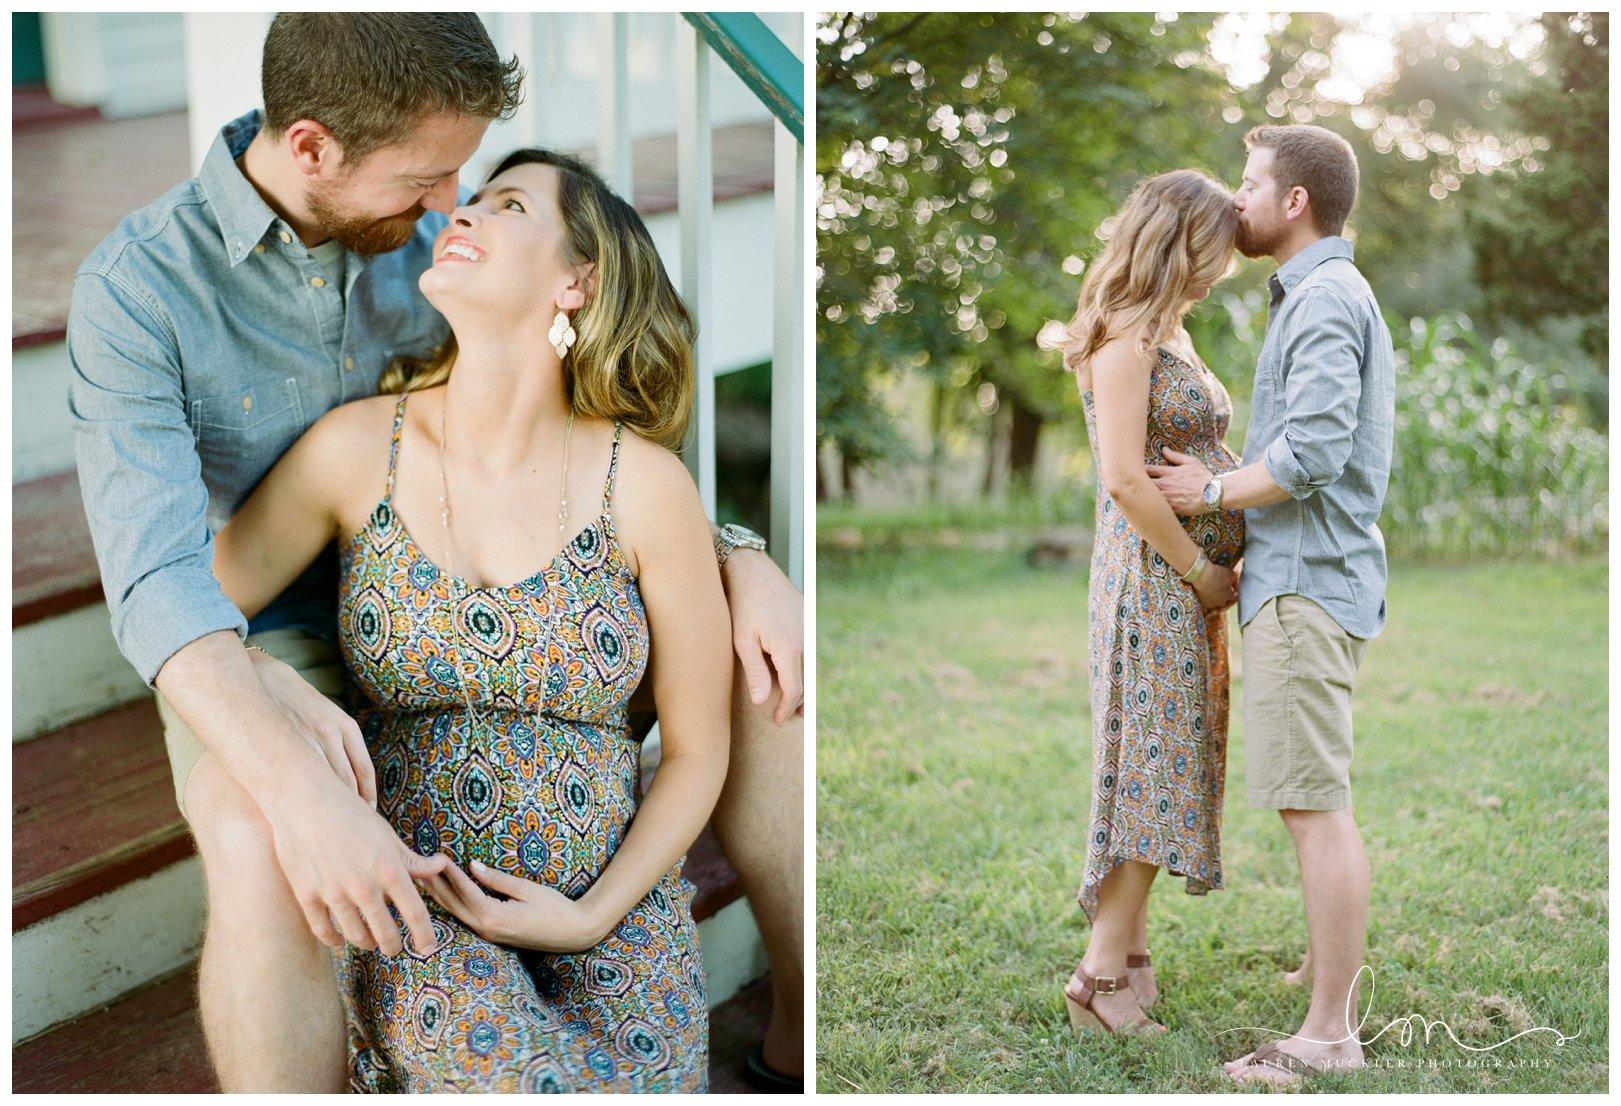 lauren muckler photography_fine art film wedding photography_st louis_photography_0505.jpg